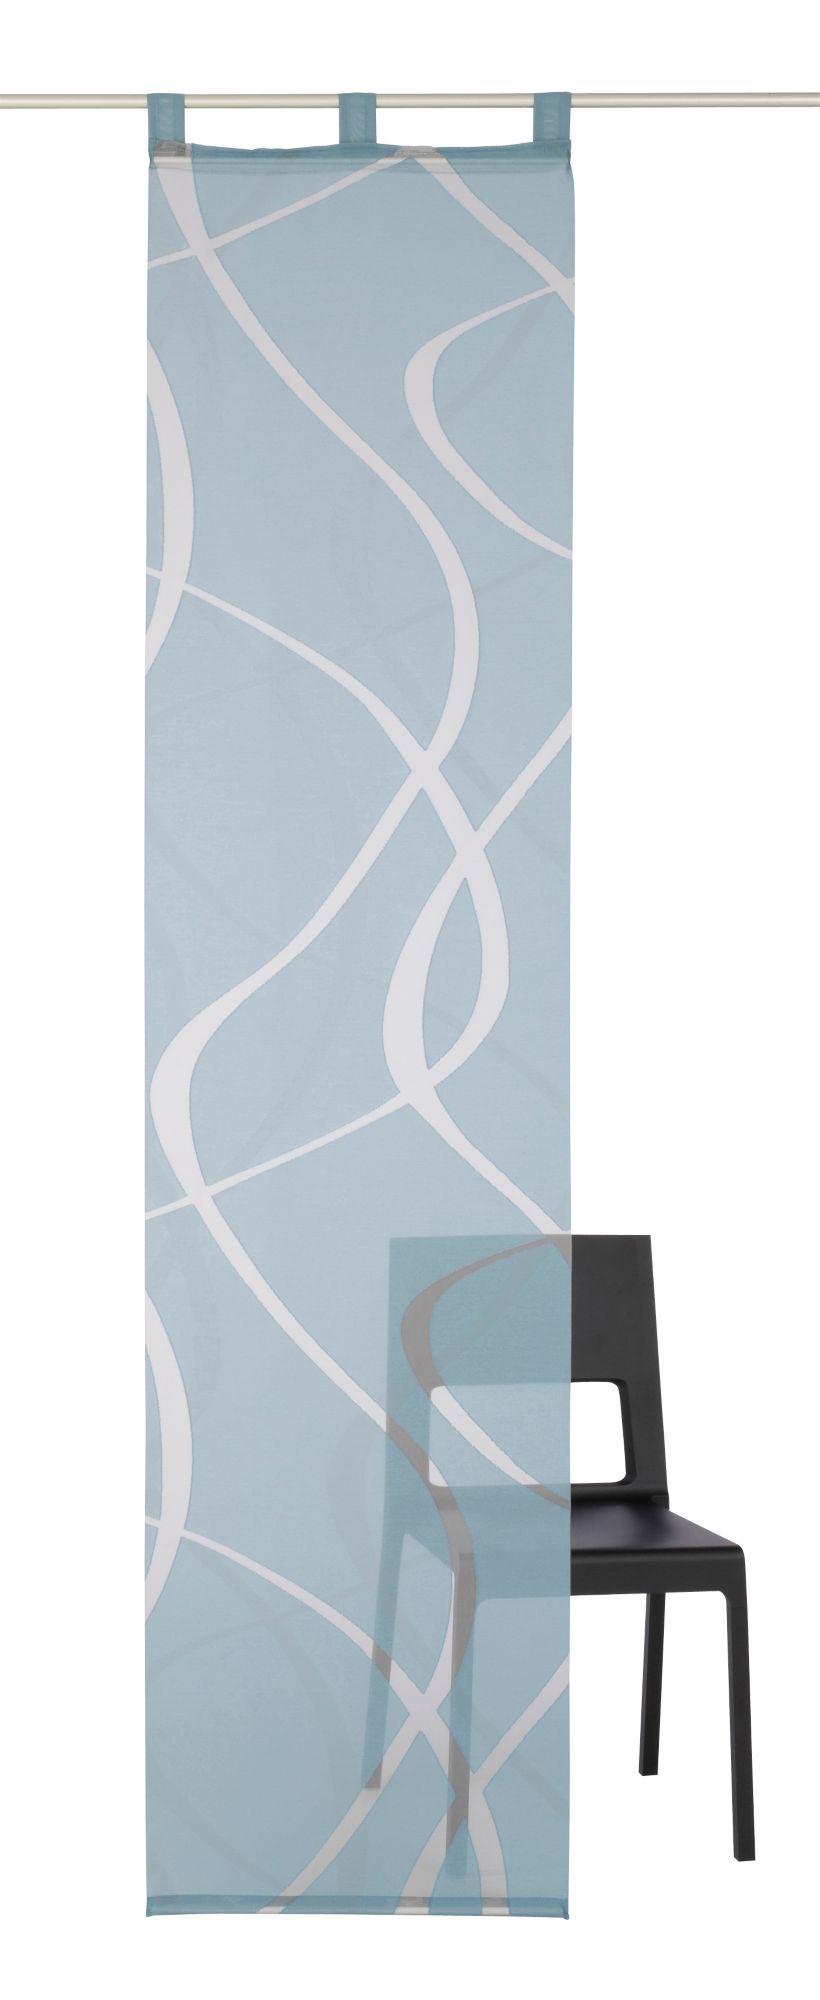 deko g nstig online kaufen beim schwab versand. Black Bedroom Furniture Sets. Home Design Ideas